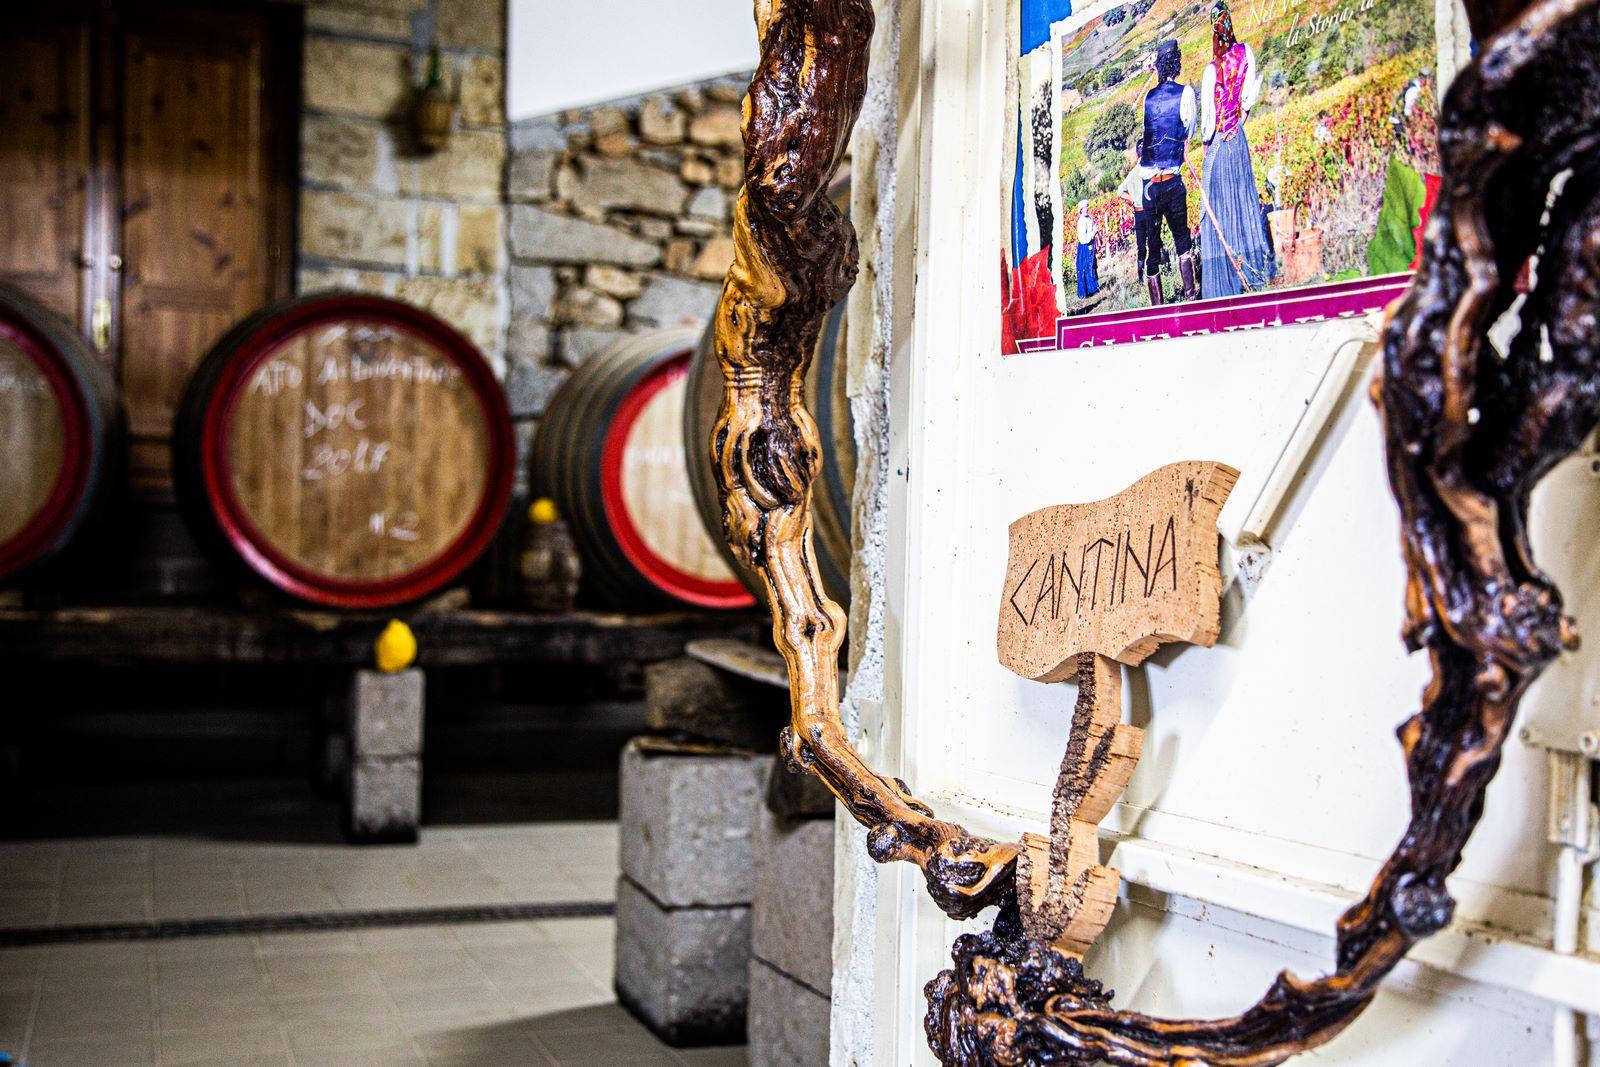 vitigni autoctoni e tradizionali sardi